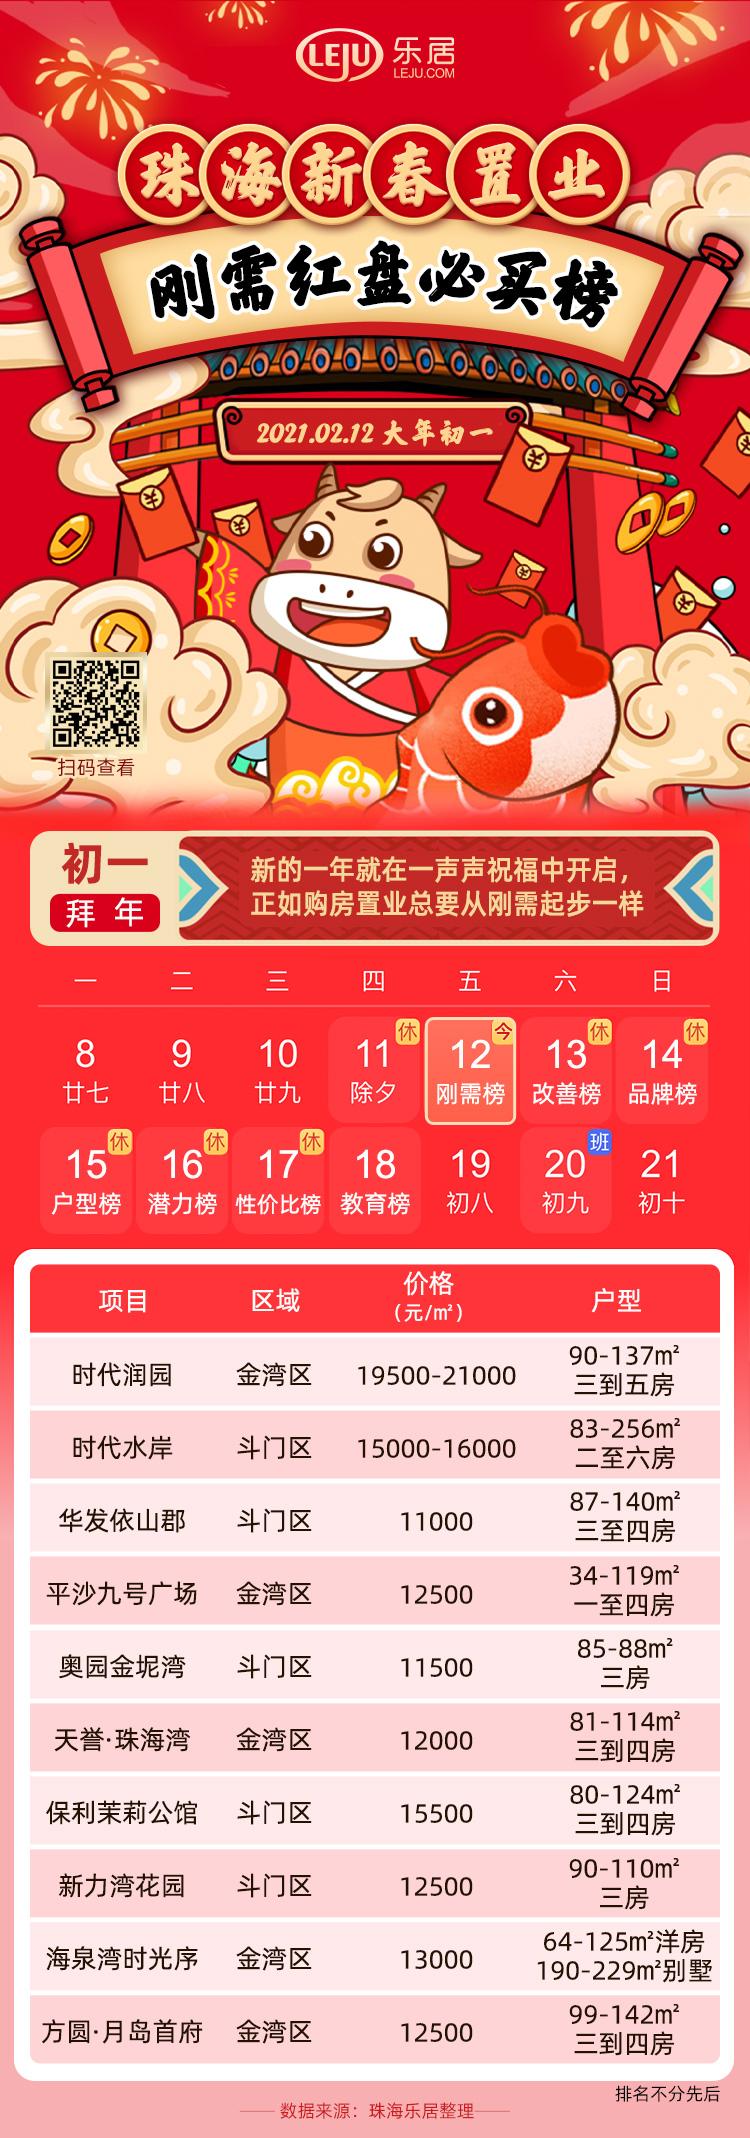 珠海新春刚需红盘必买榜出炉